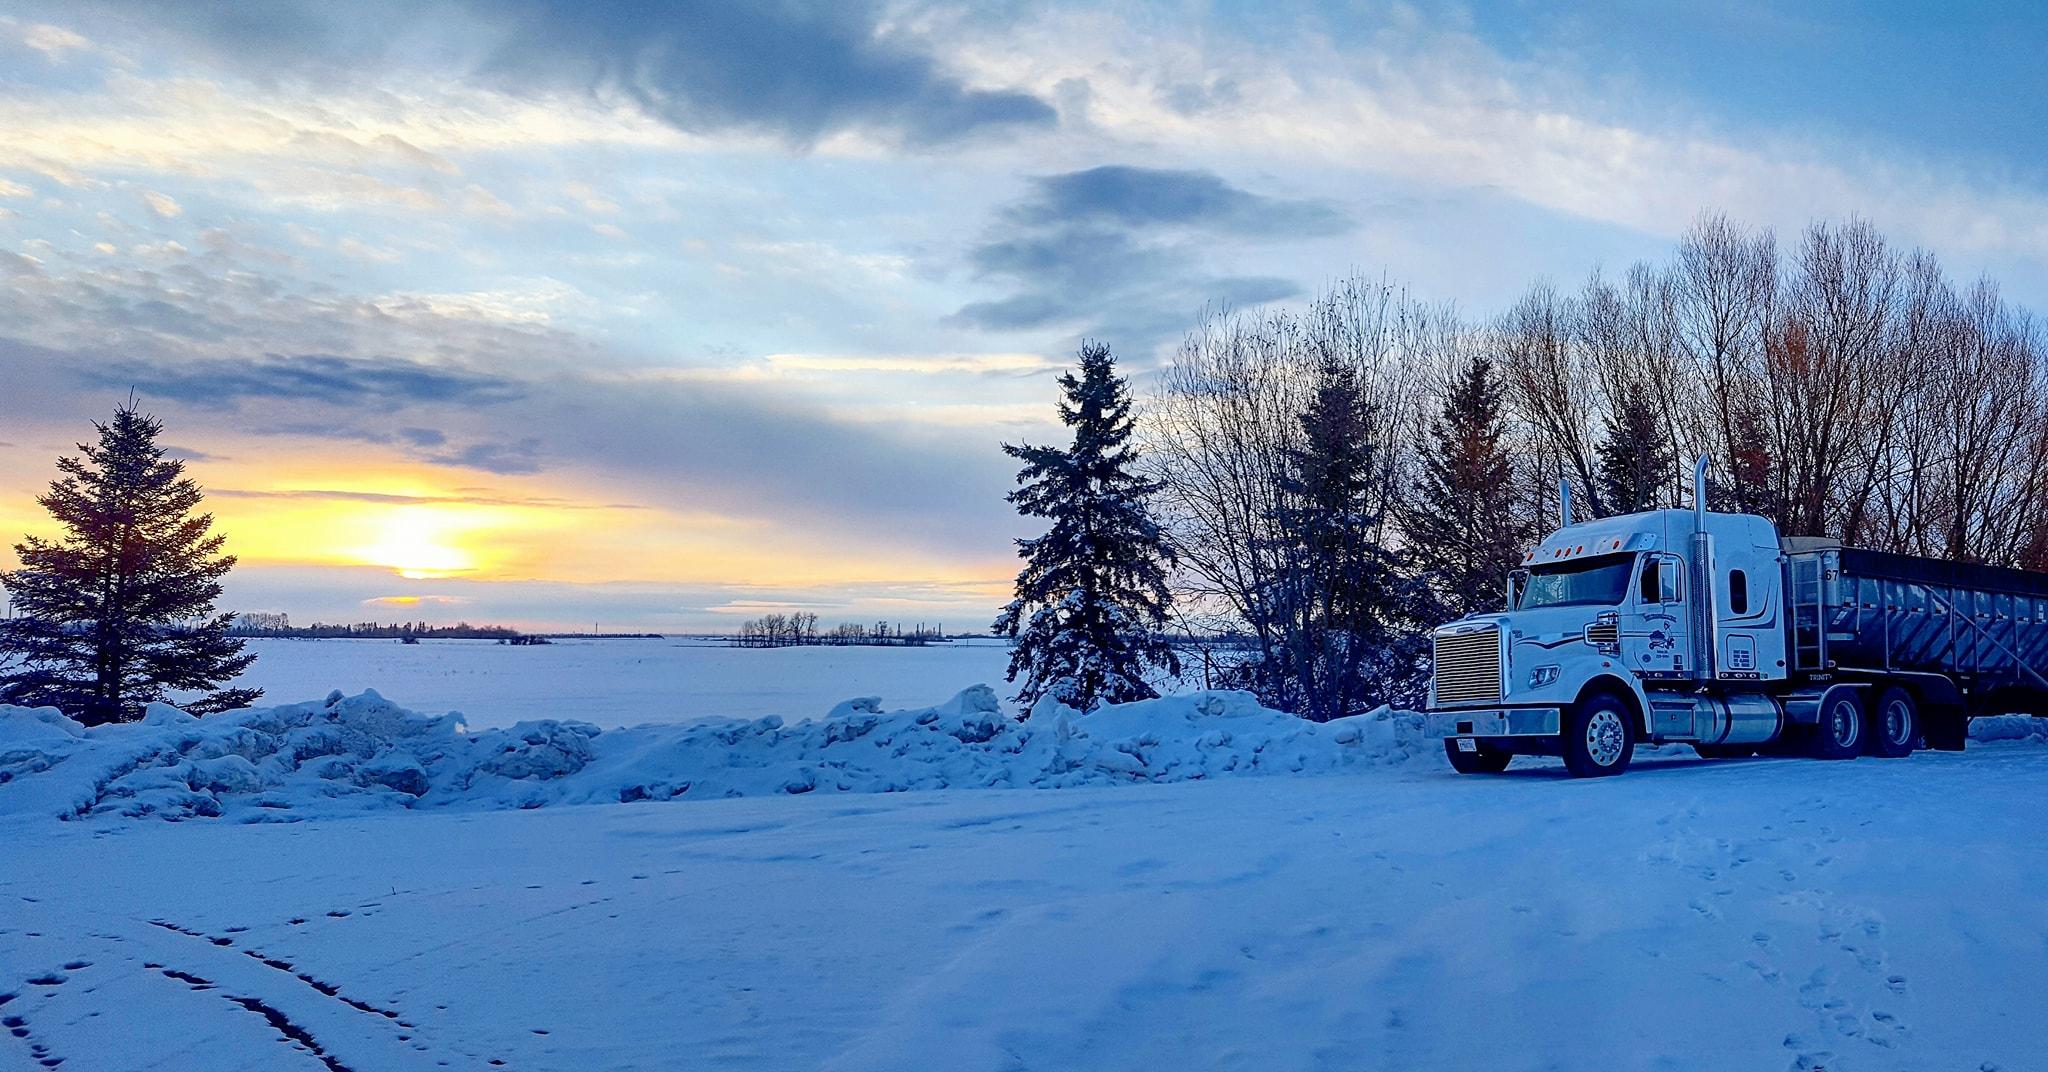 20-3-2021-Noord-oosten-van-Edmonton-zons-opgang-